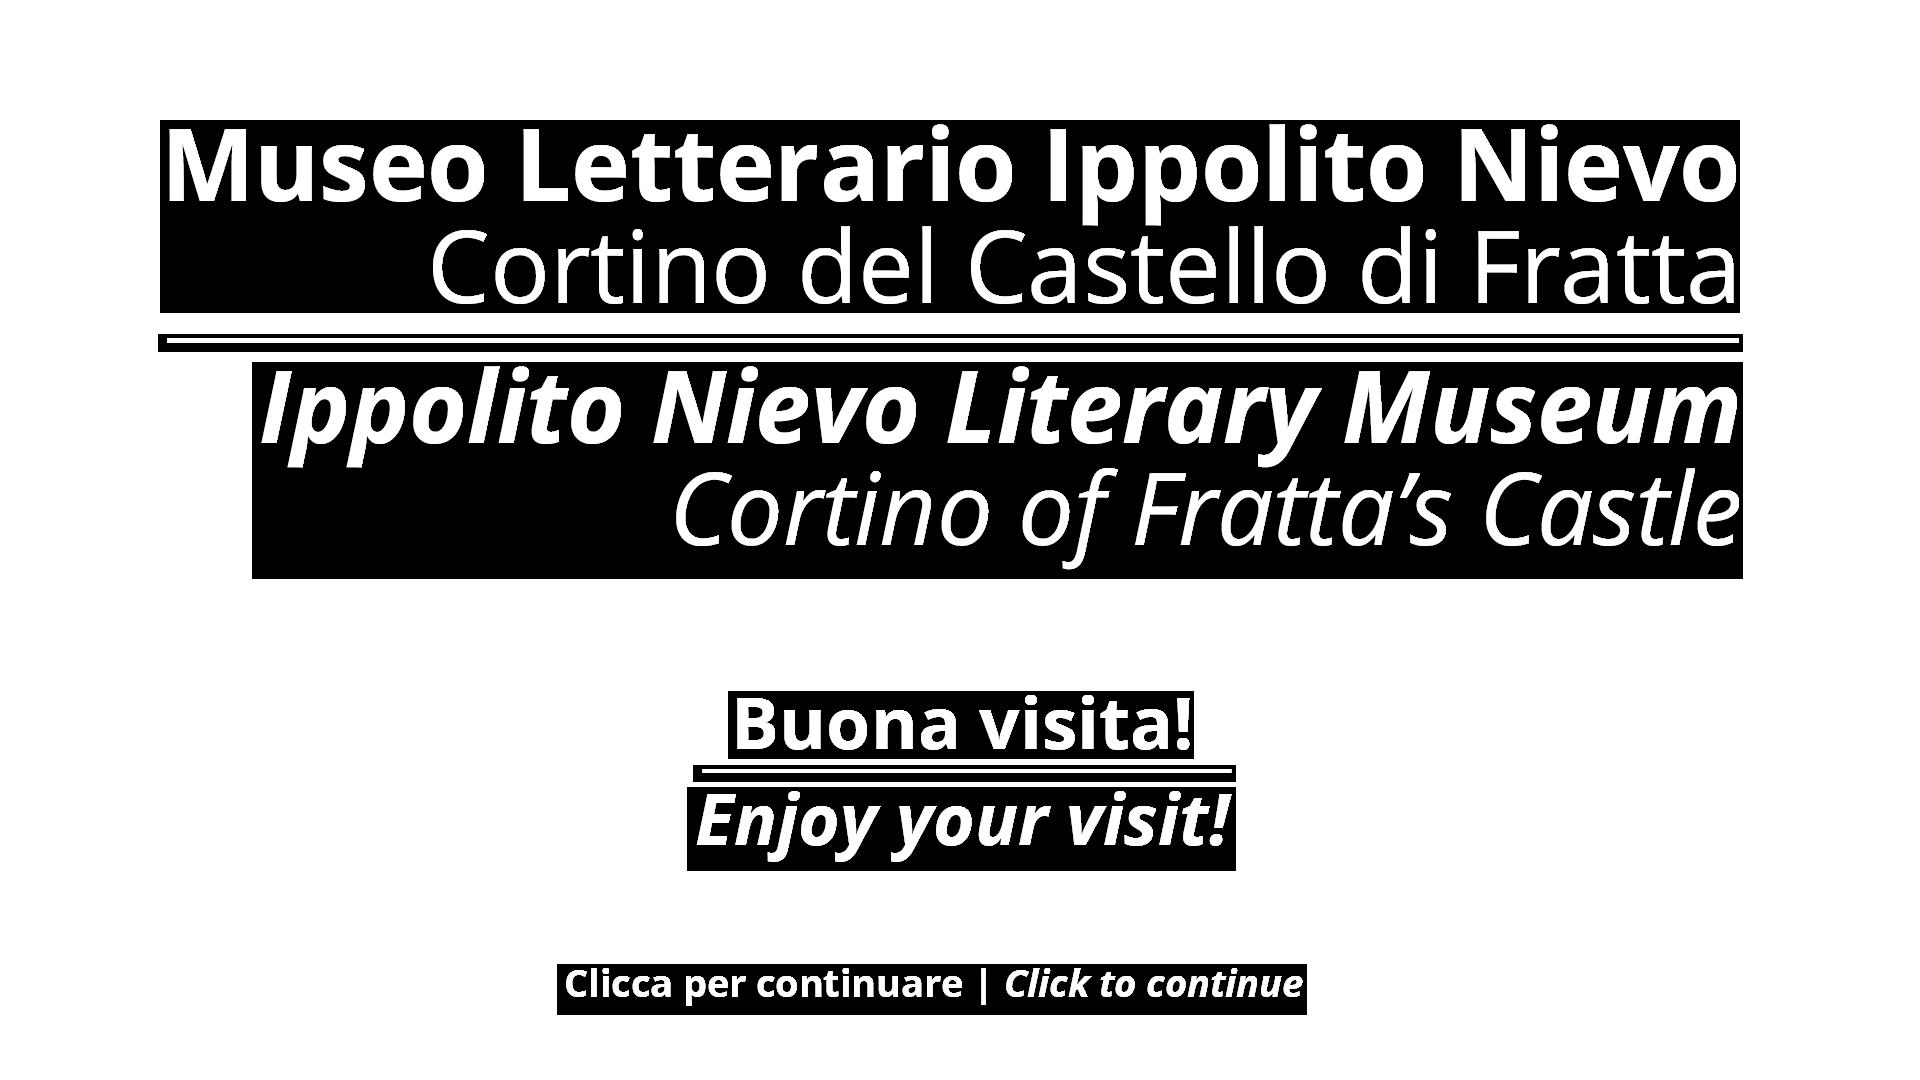 Museo Letterario Ippolito Nievo - Fratta, Fossalta di Portogruaro (VE).